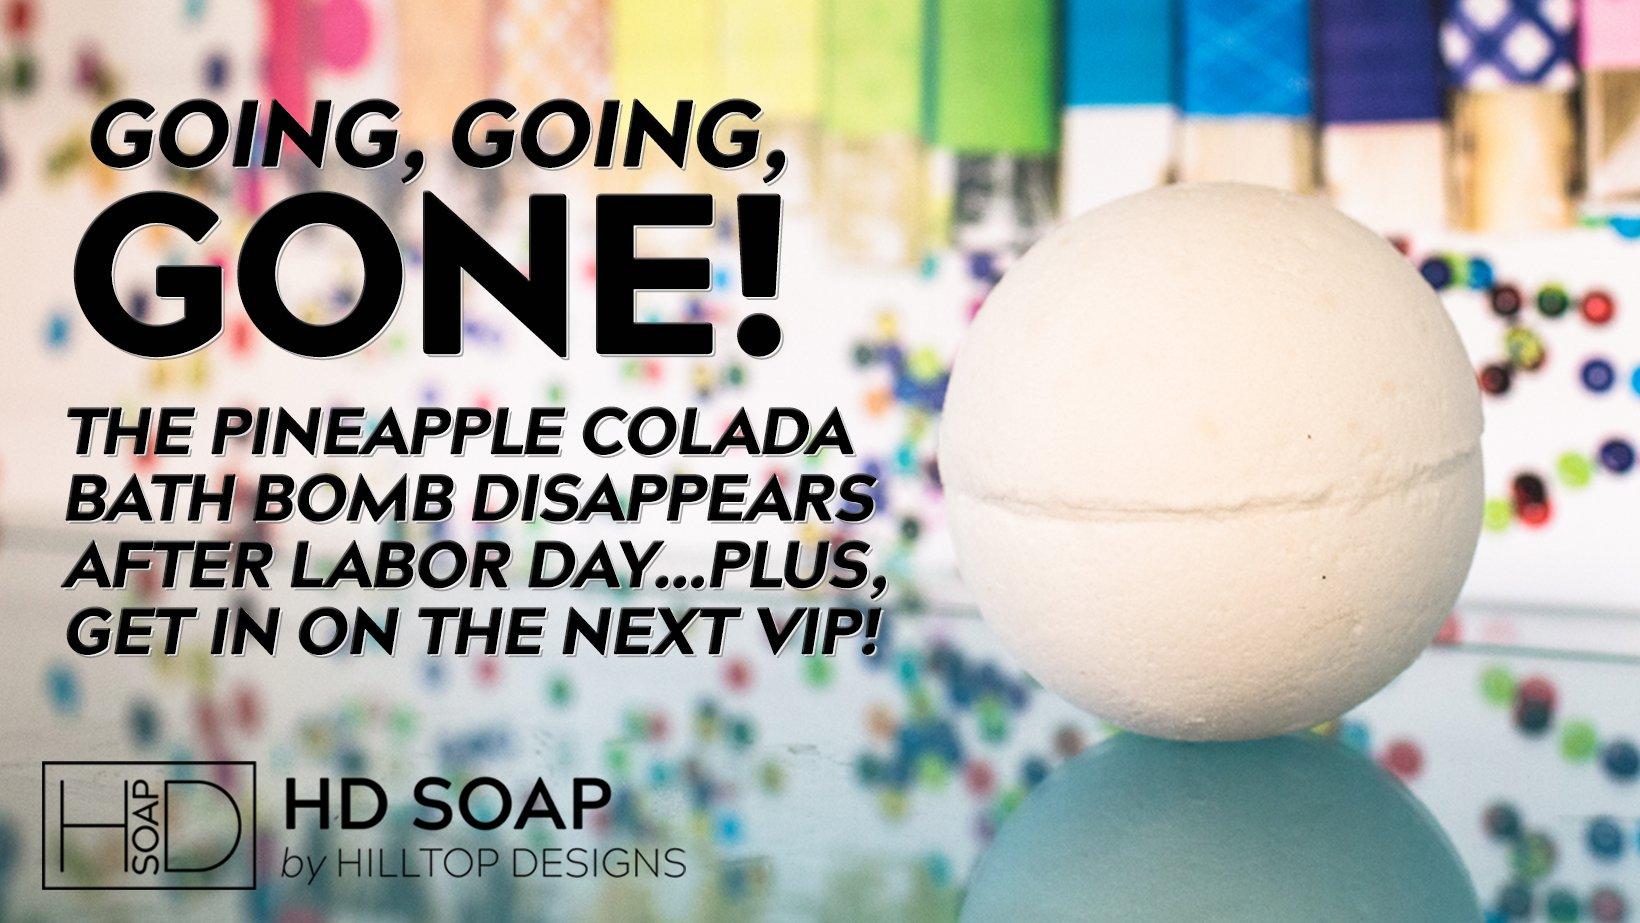 HD Soap | Deadlines